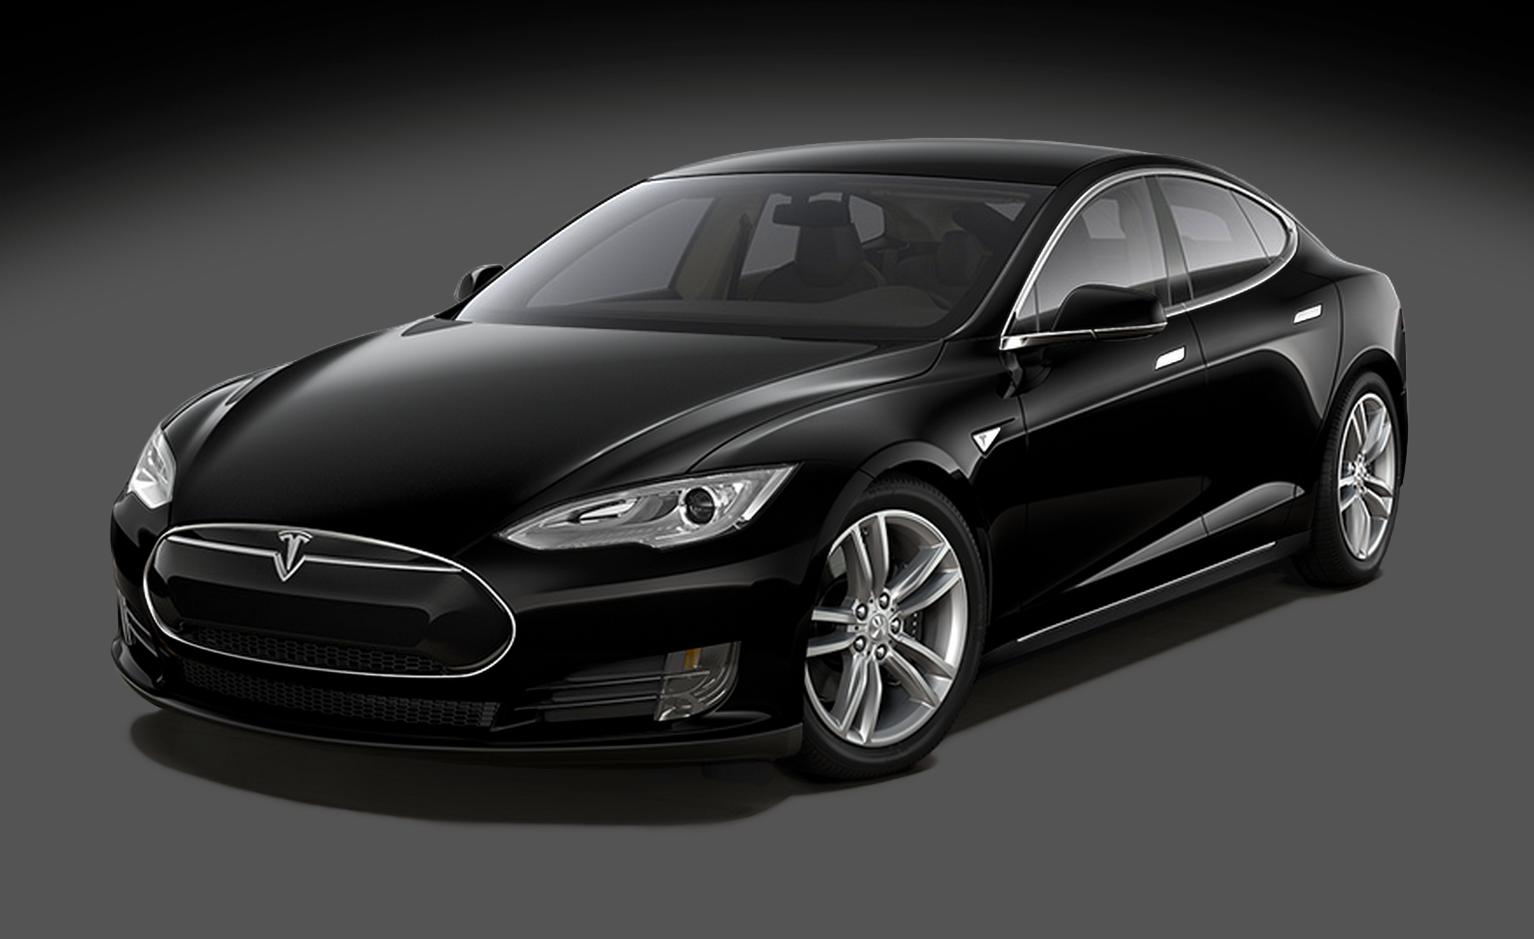 Pin by Krizt Neo on Cars Tesla motors, Tesla model s